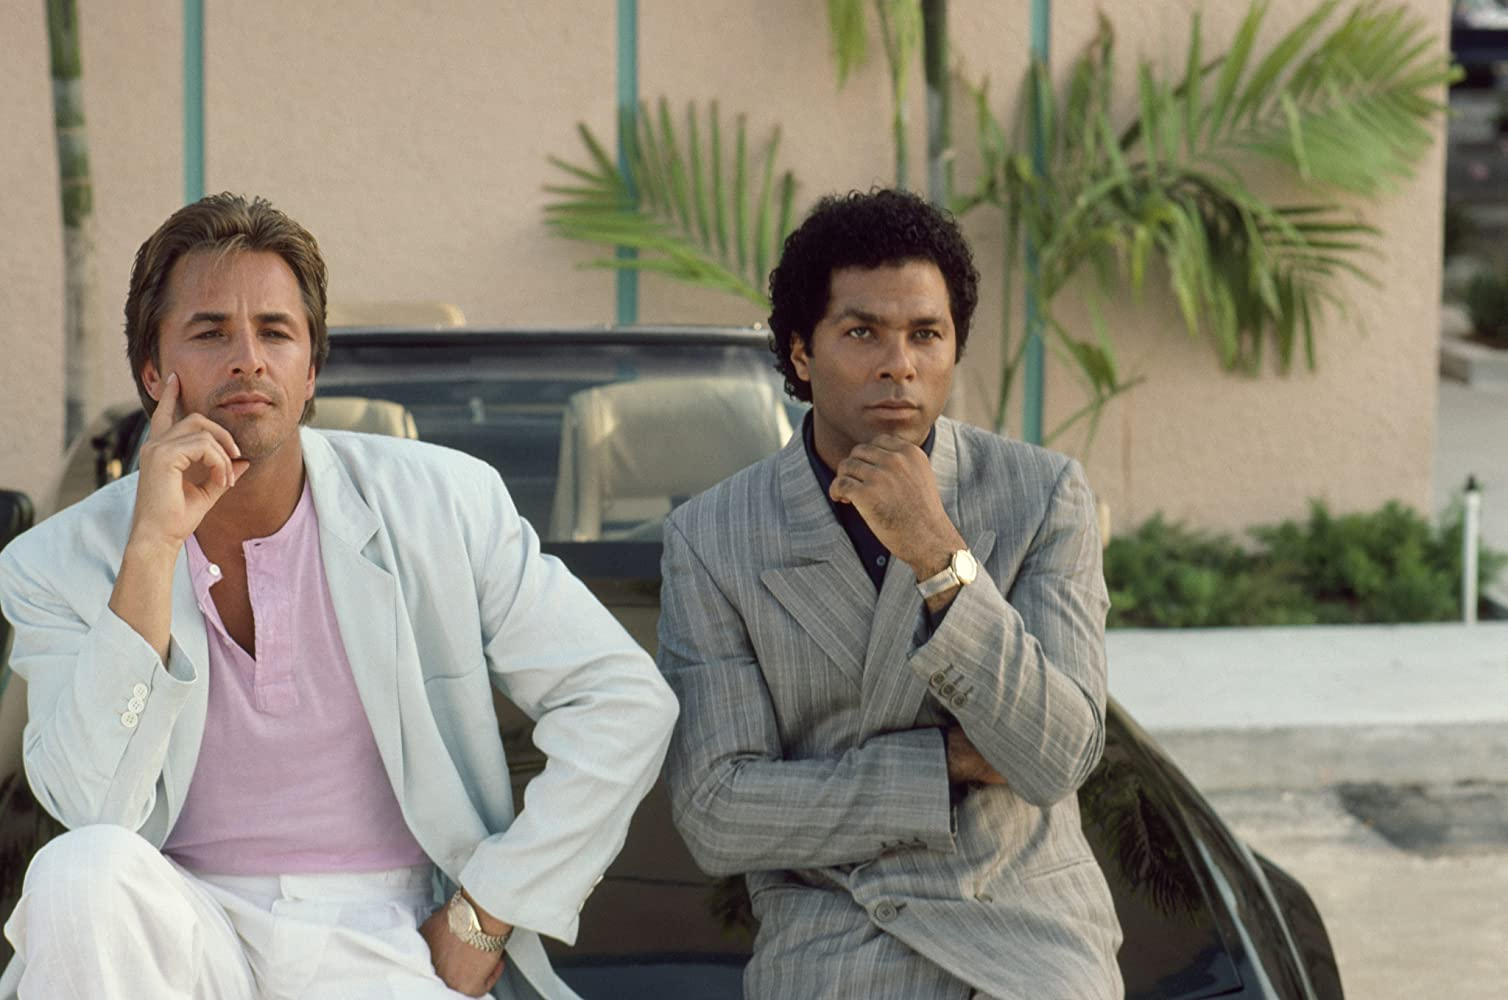 Miami Vice Characters